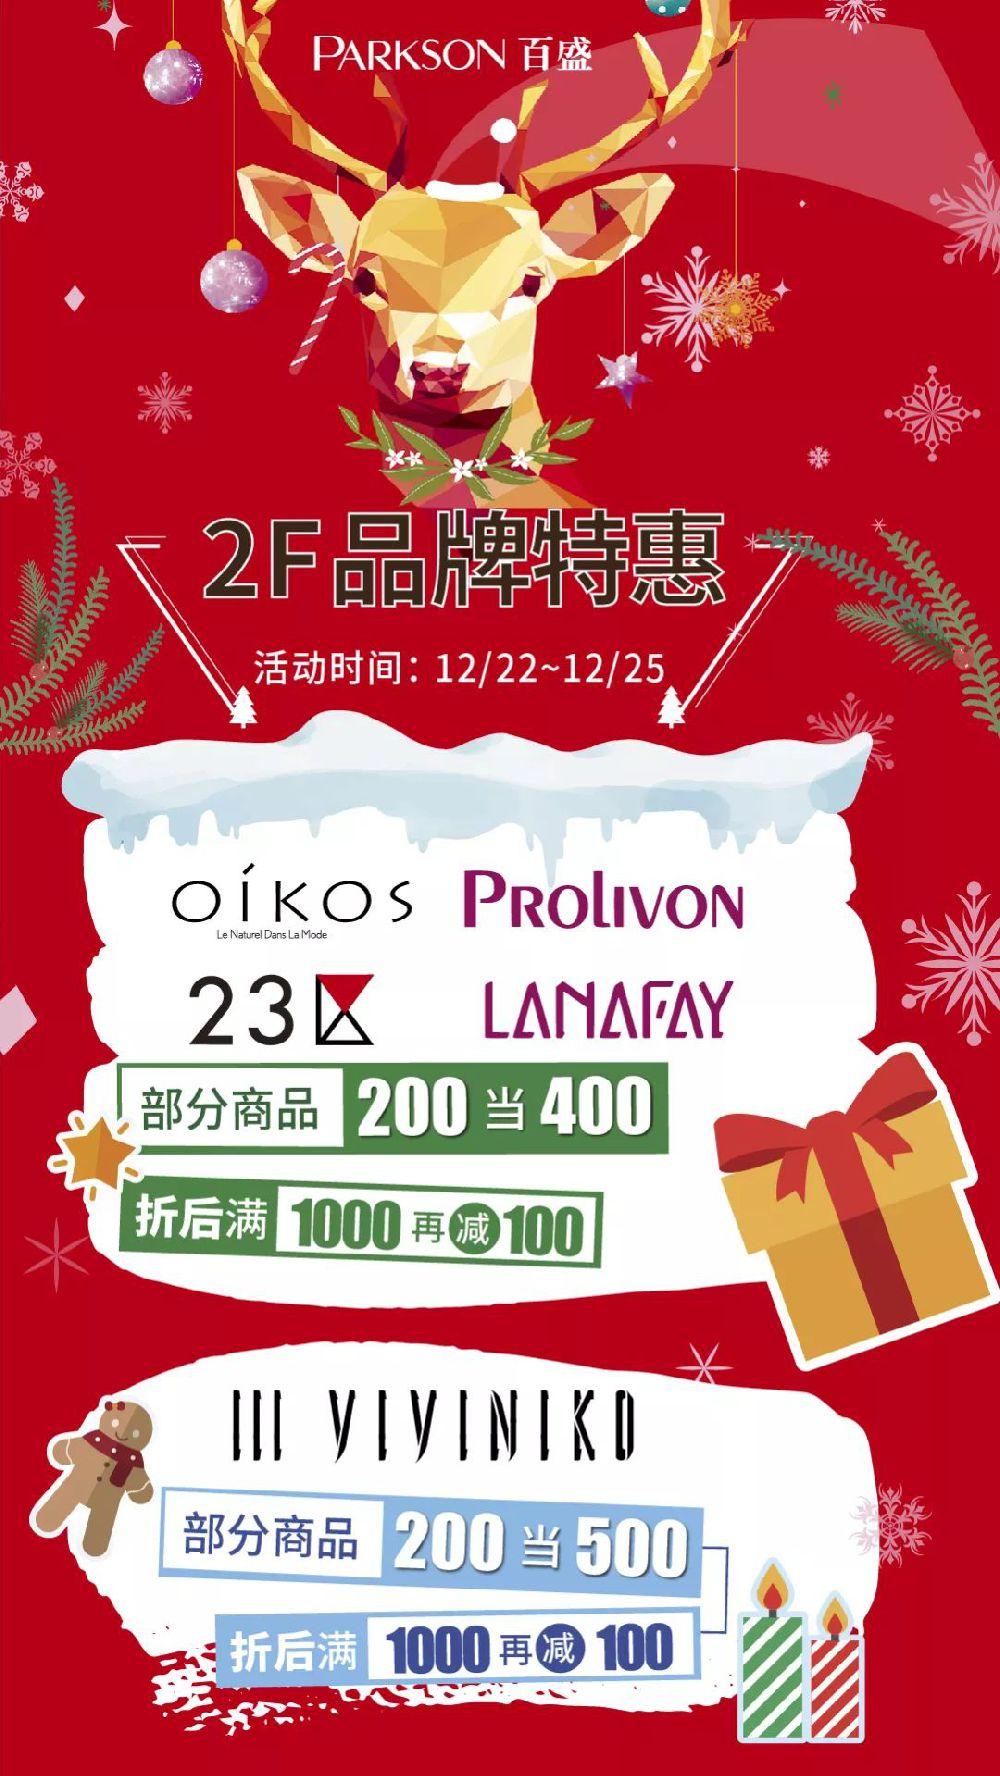 上海淮海百盛2018圣诞季折扣 化妆品满1300减300